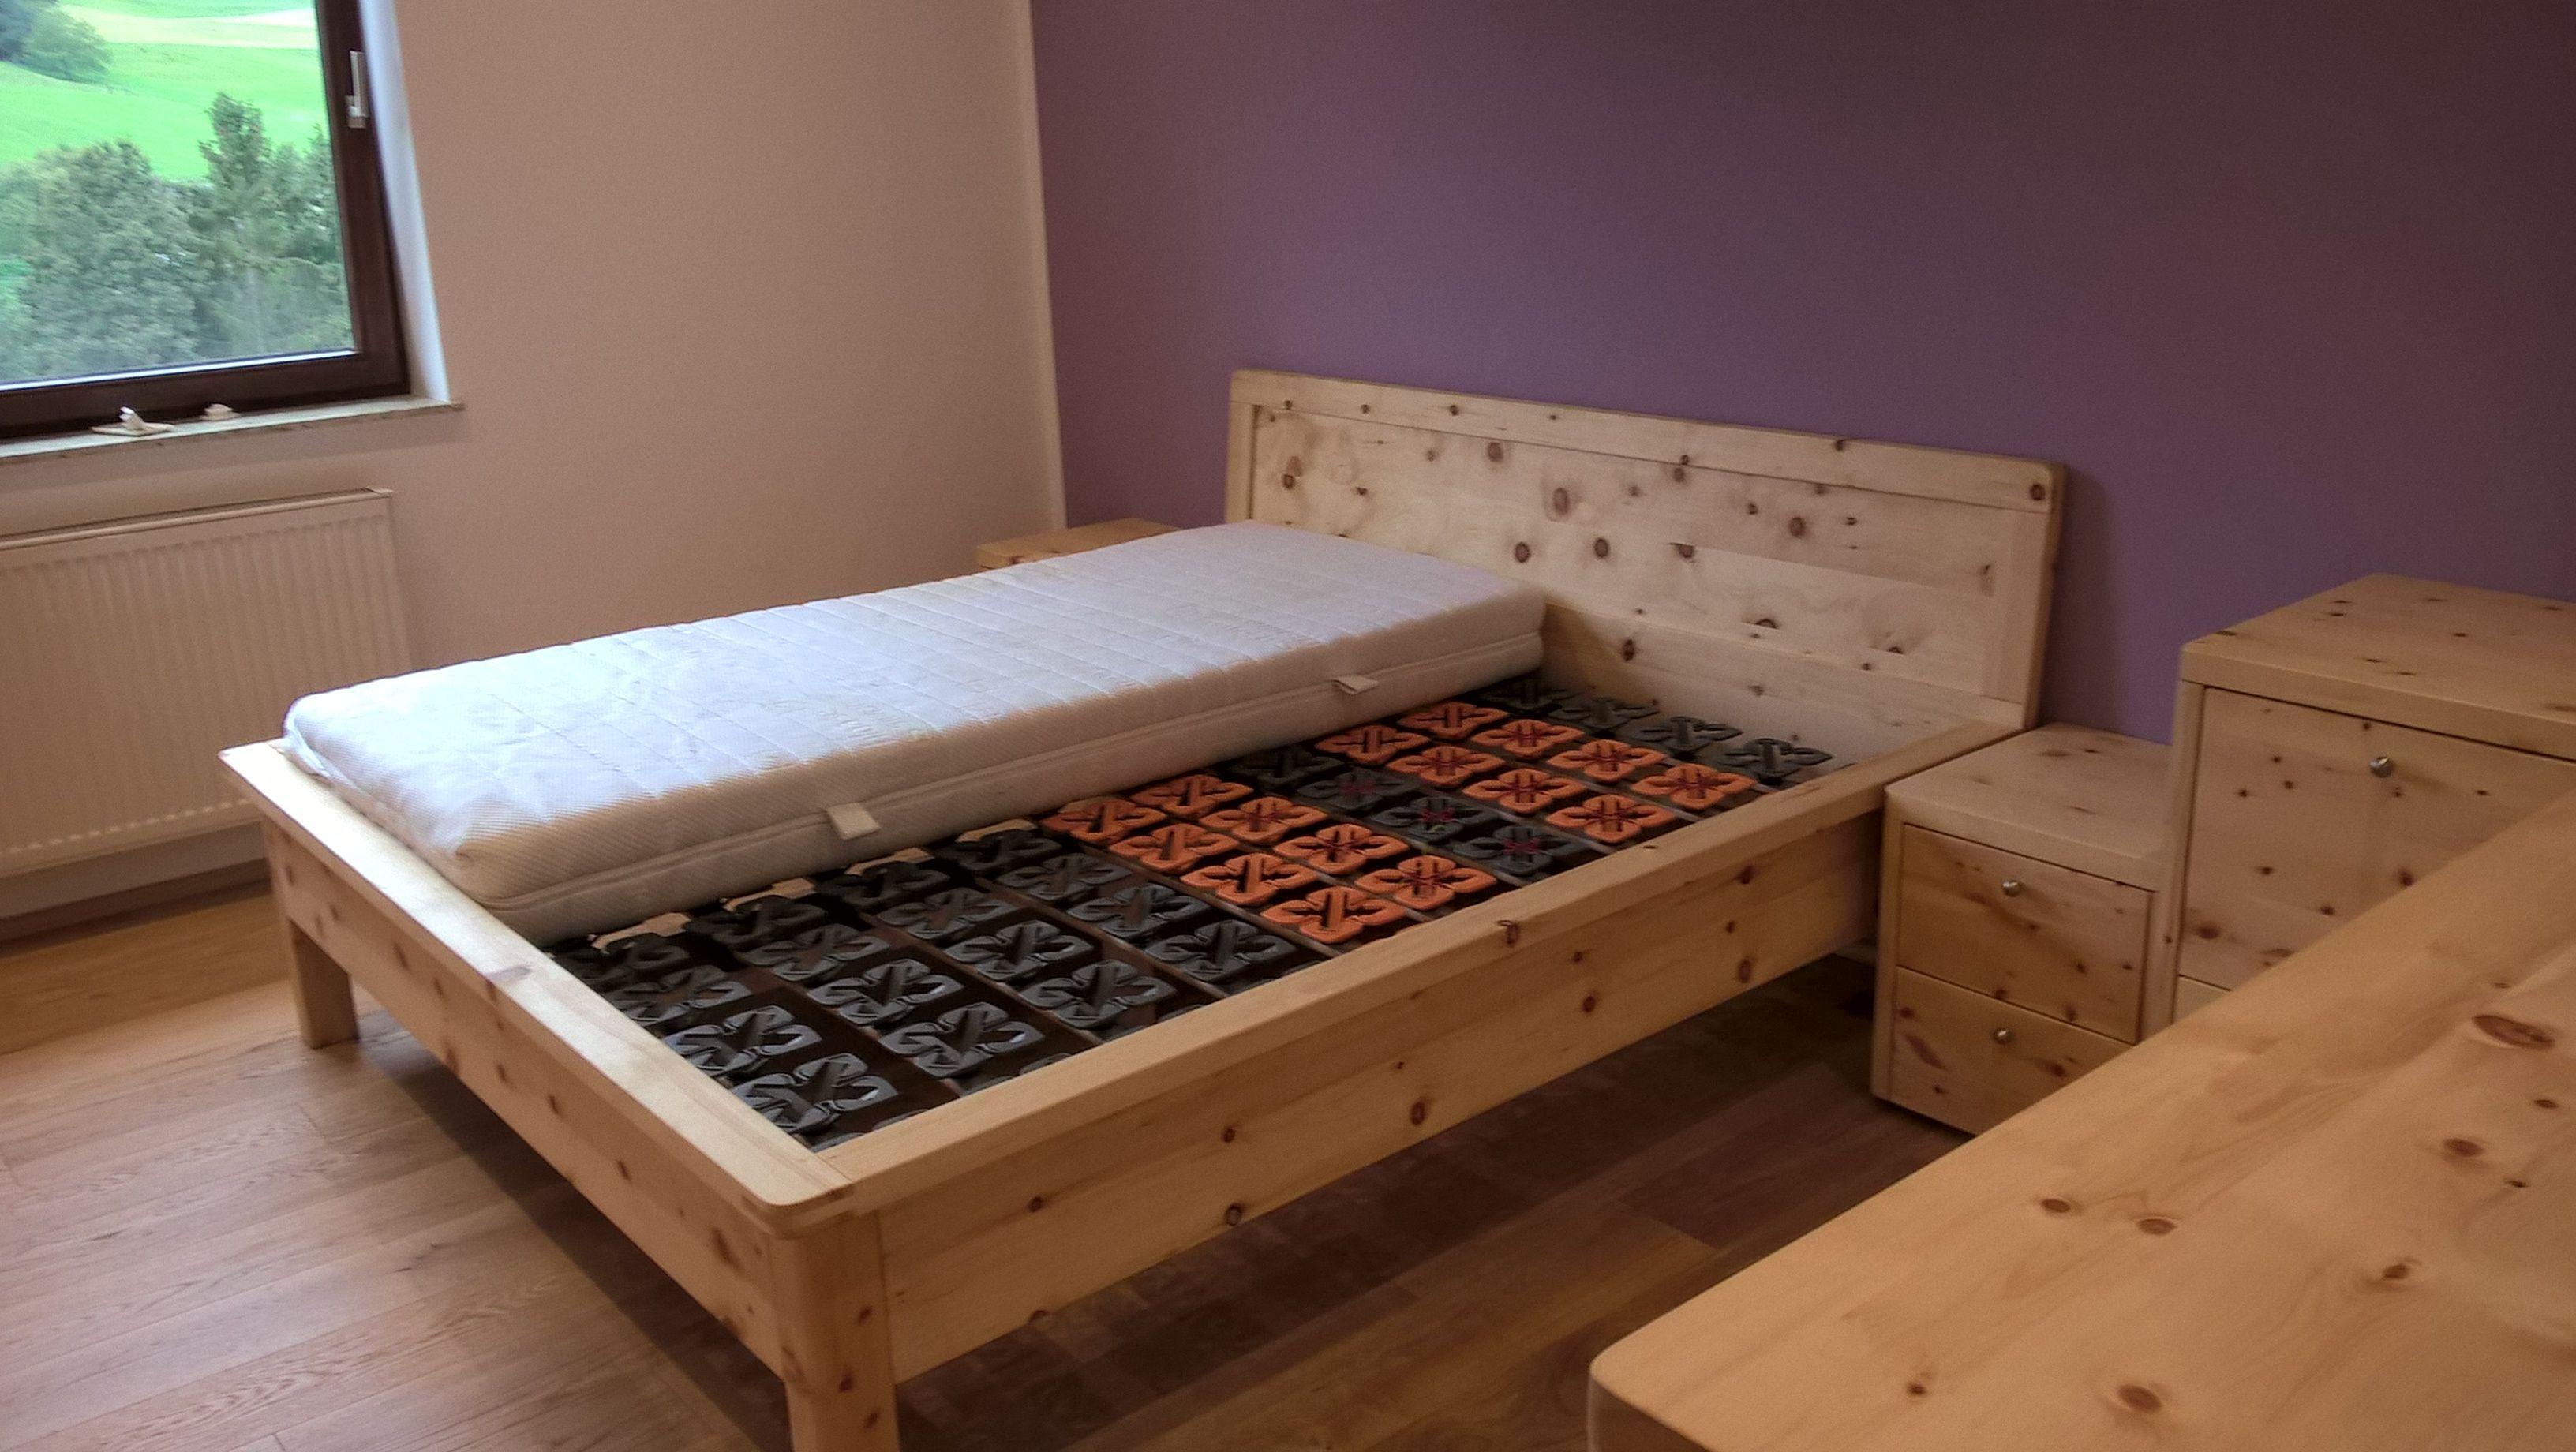 Schlafzimmer zirbenholz ~ Zimmer schlafen umgeben von zirbenholz zirbenholz